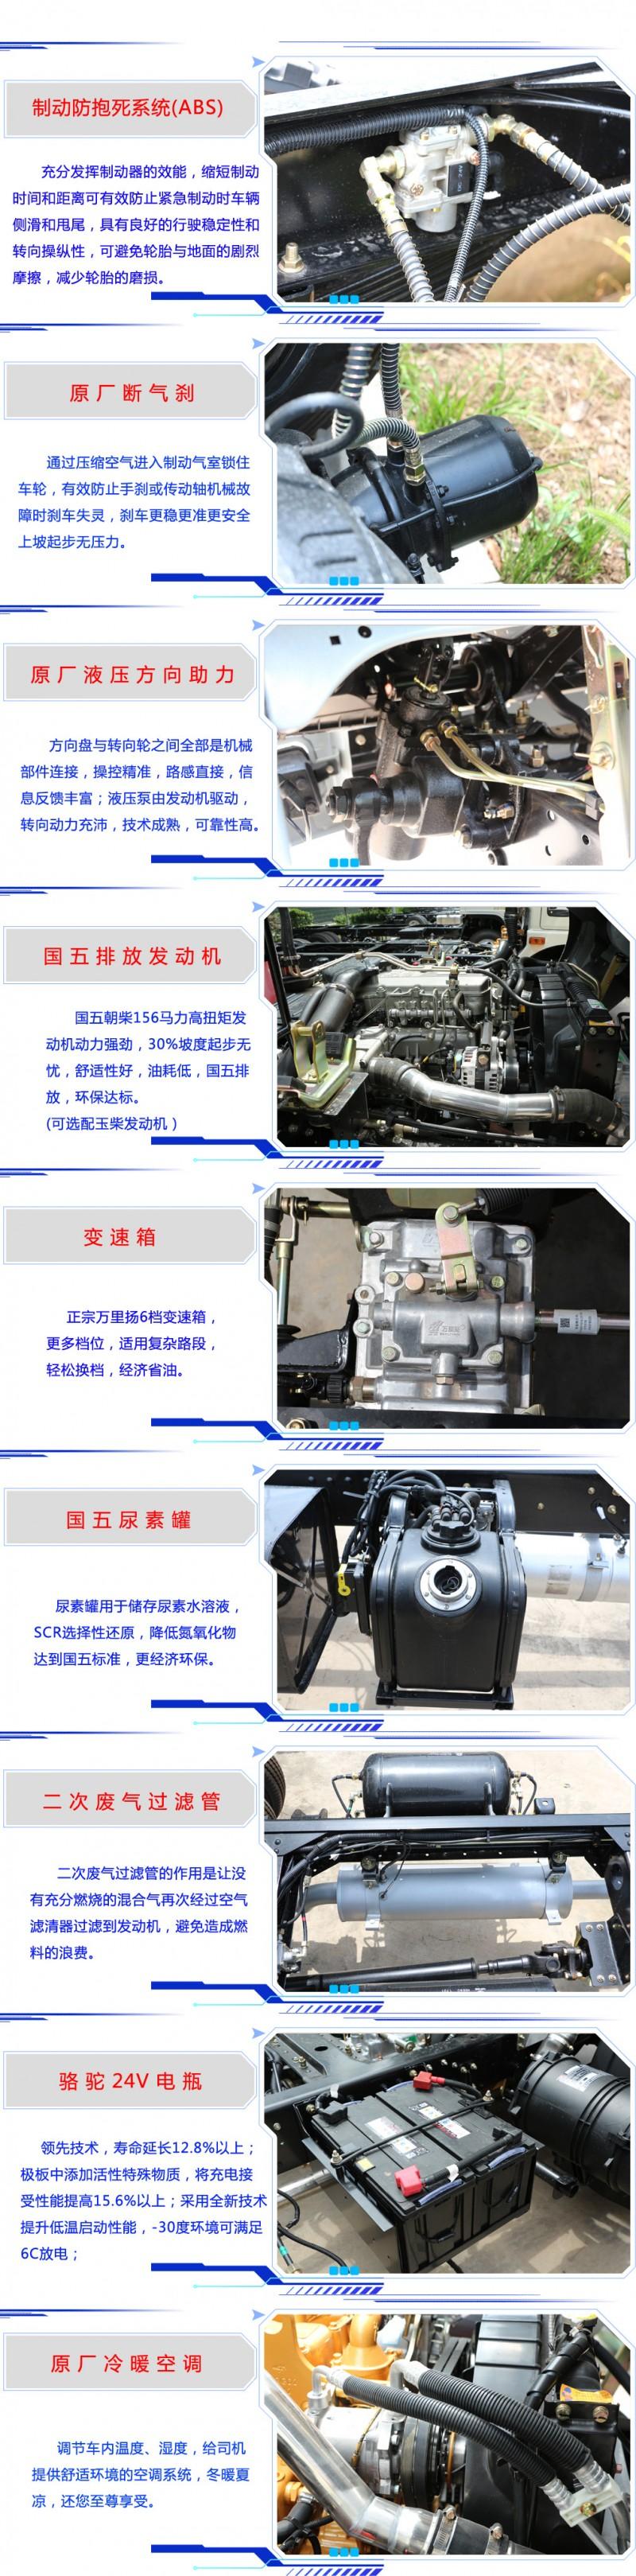 东风多利卡8方 compressed garbage truck 底盘细节描述